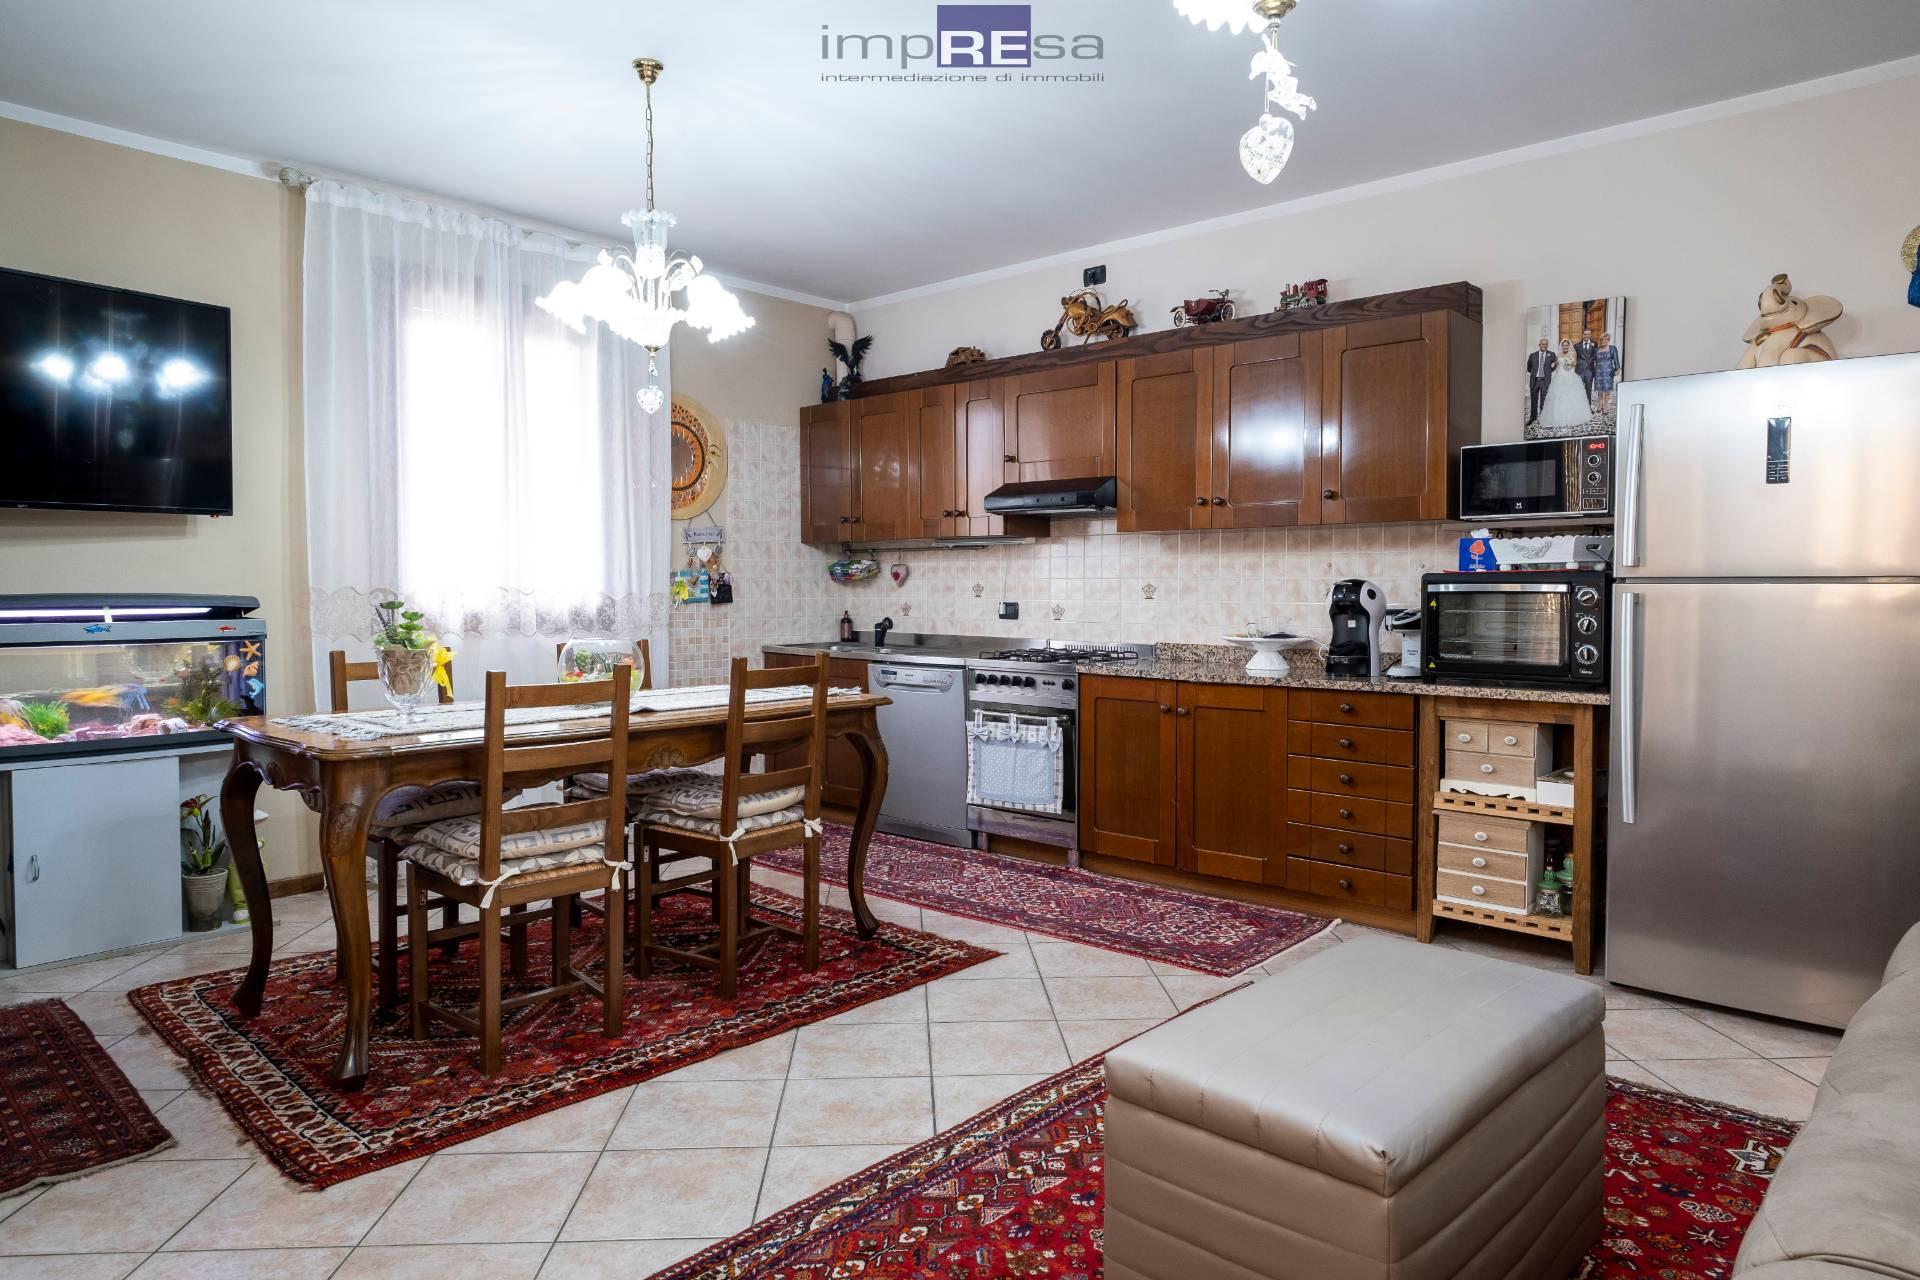 Appartamento in vendita a Preganziol, 4 locali, zona Zona: Sambughè, prezzo € 130.000 | CambioCasa.it